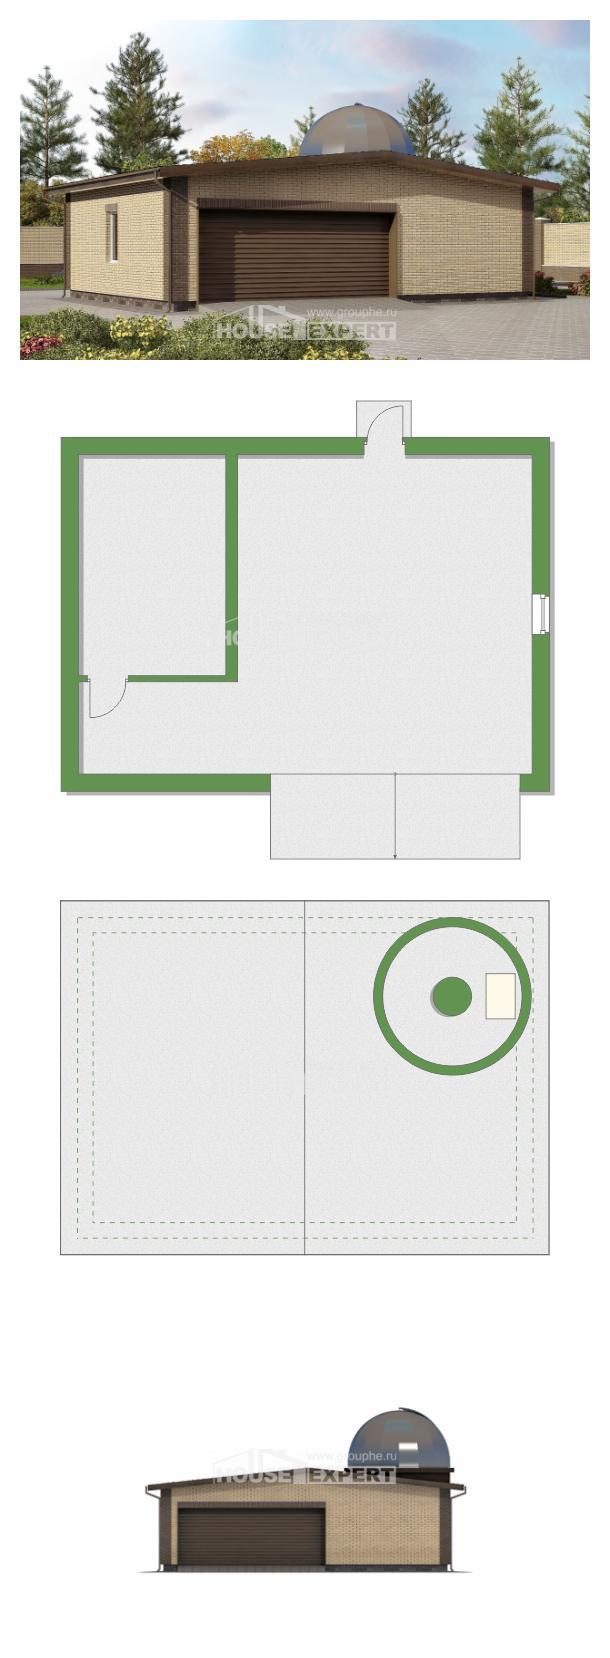 Plan 075-001-L   House Expert